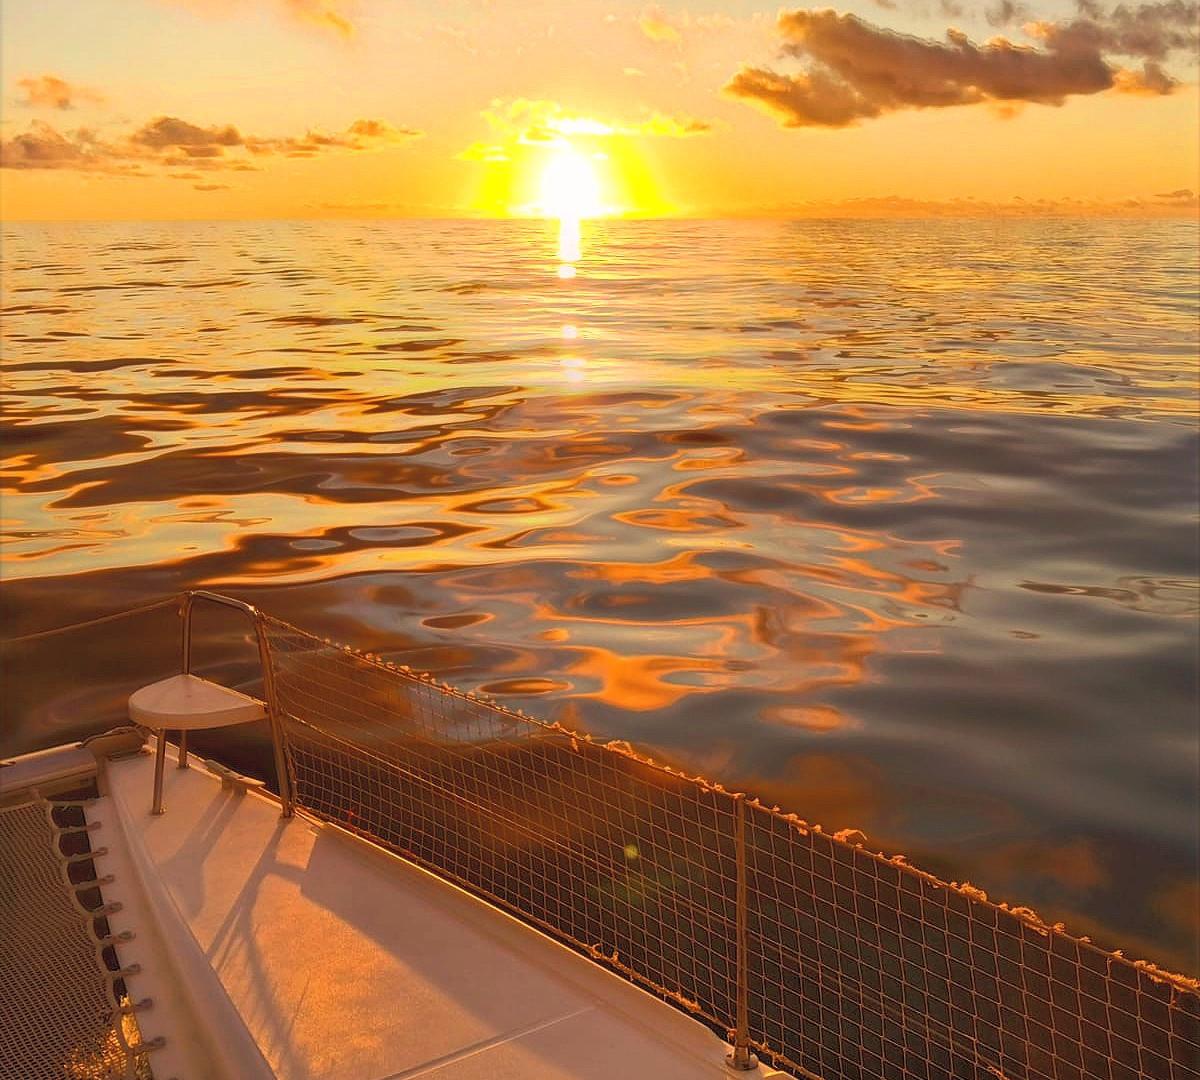 sunset in paradise.jpg